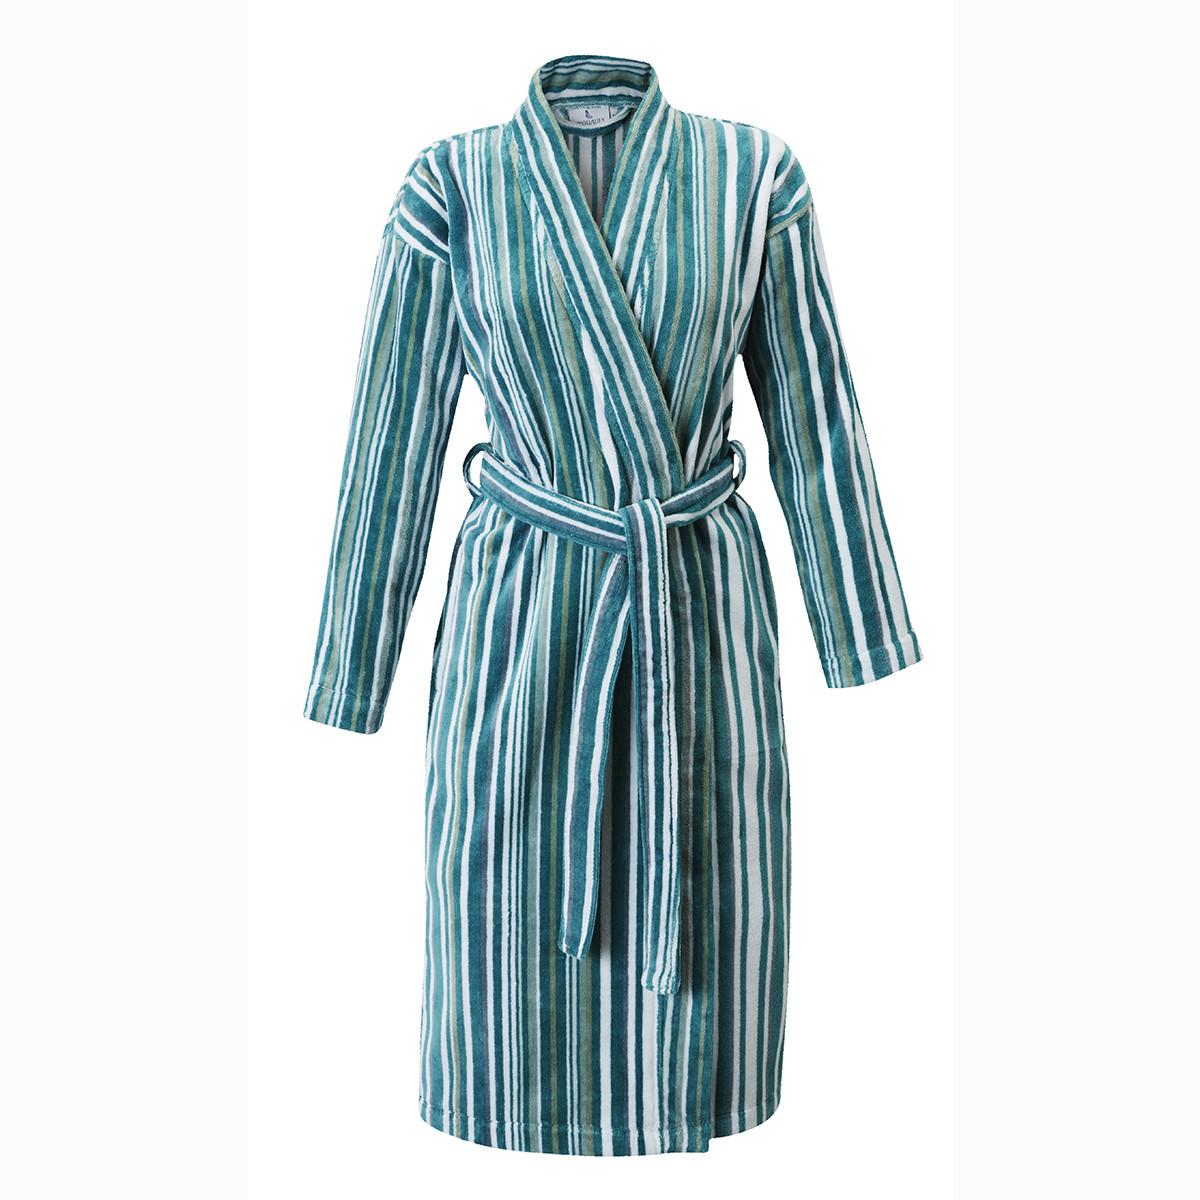 Peignoir coton s bleu clair rayé